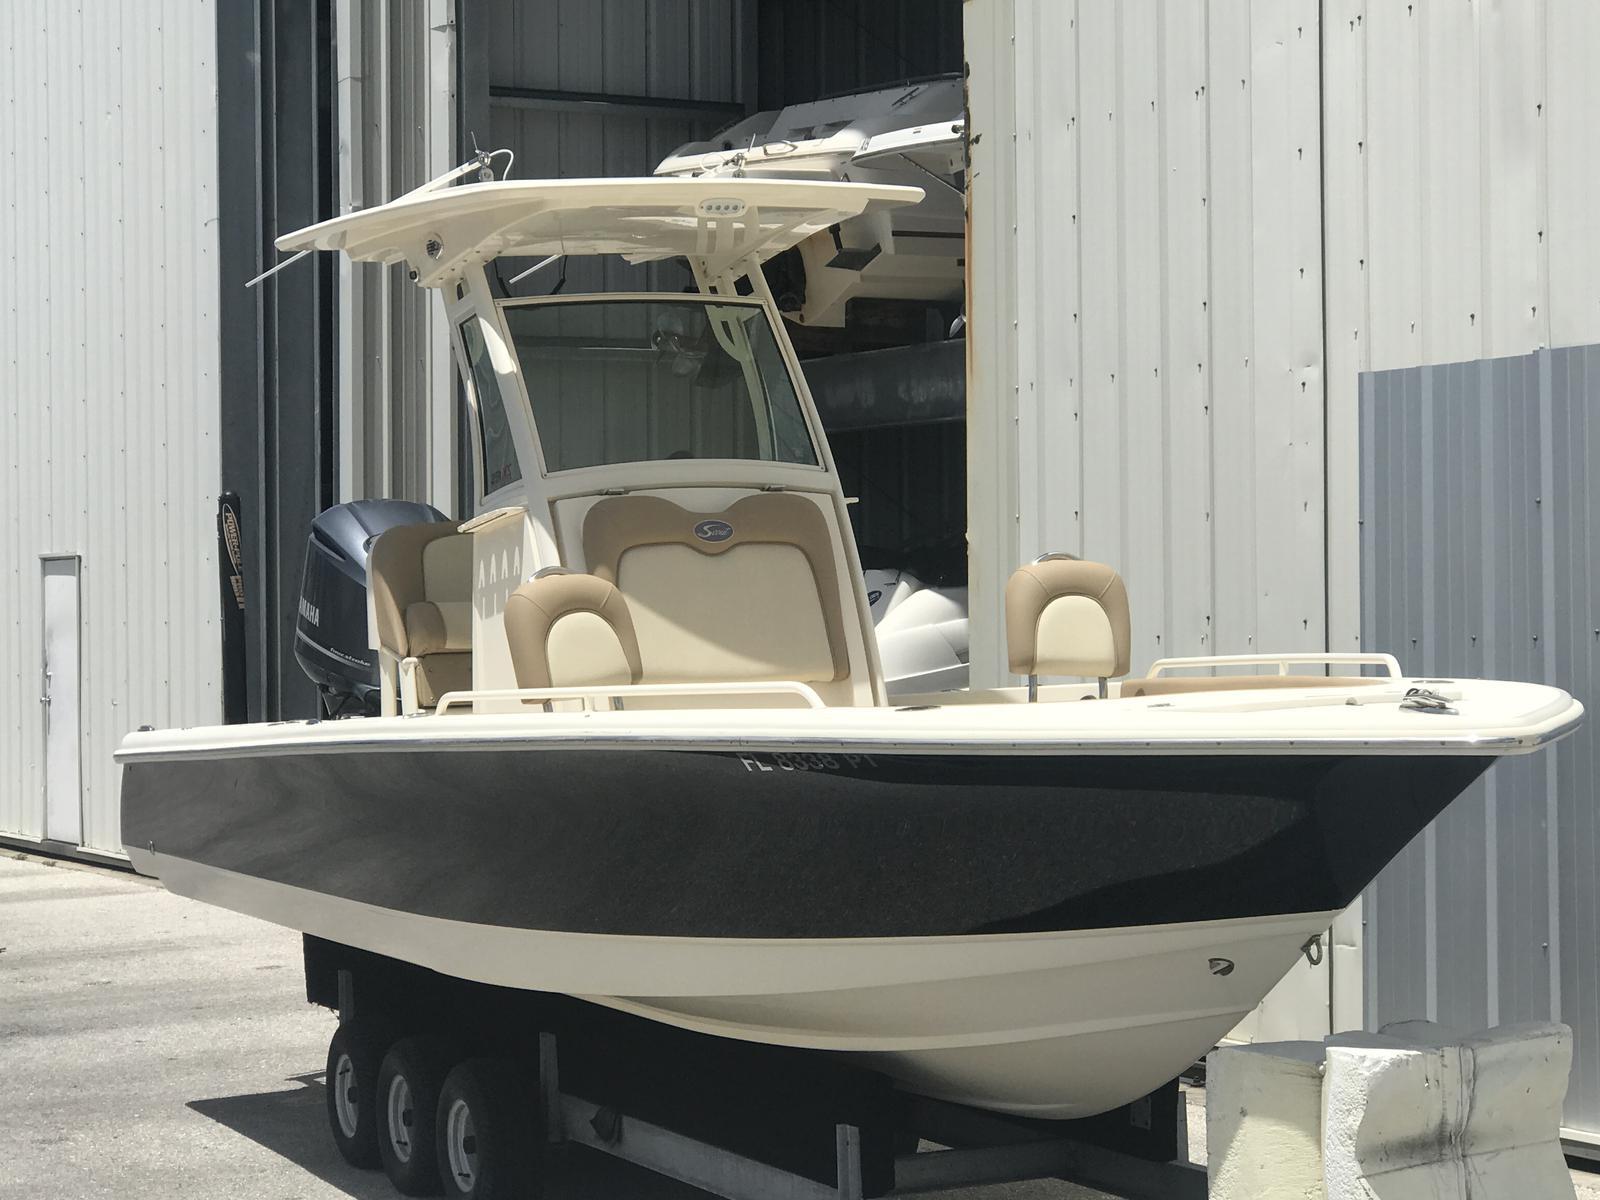 USED 2014 Scout Boat Company Bay Boat 251 XS - Sara Bay Marina